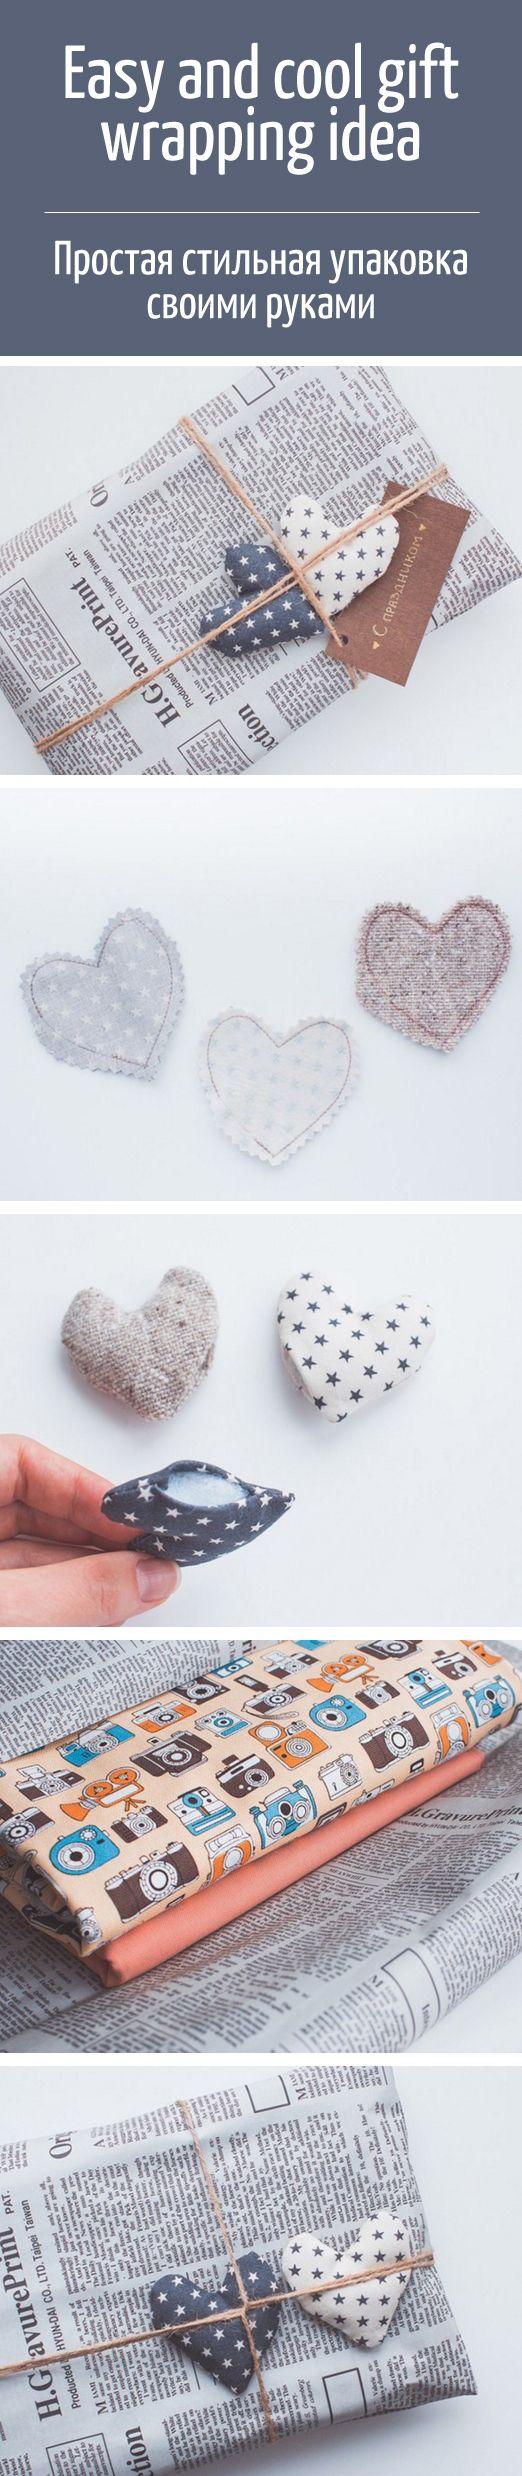 Буквально несколько лоскутов ткани, бумаги и бечёвка — и стильная упаковка подарка готова! /  Easy and cool gift wrapping idea #handmade #art #design